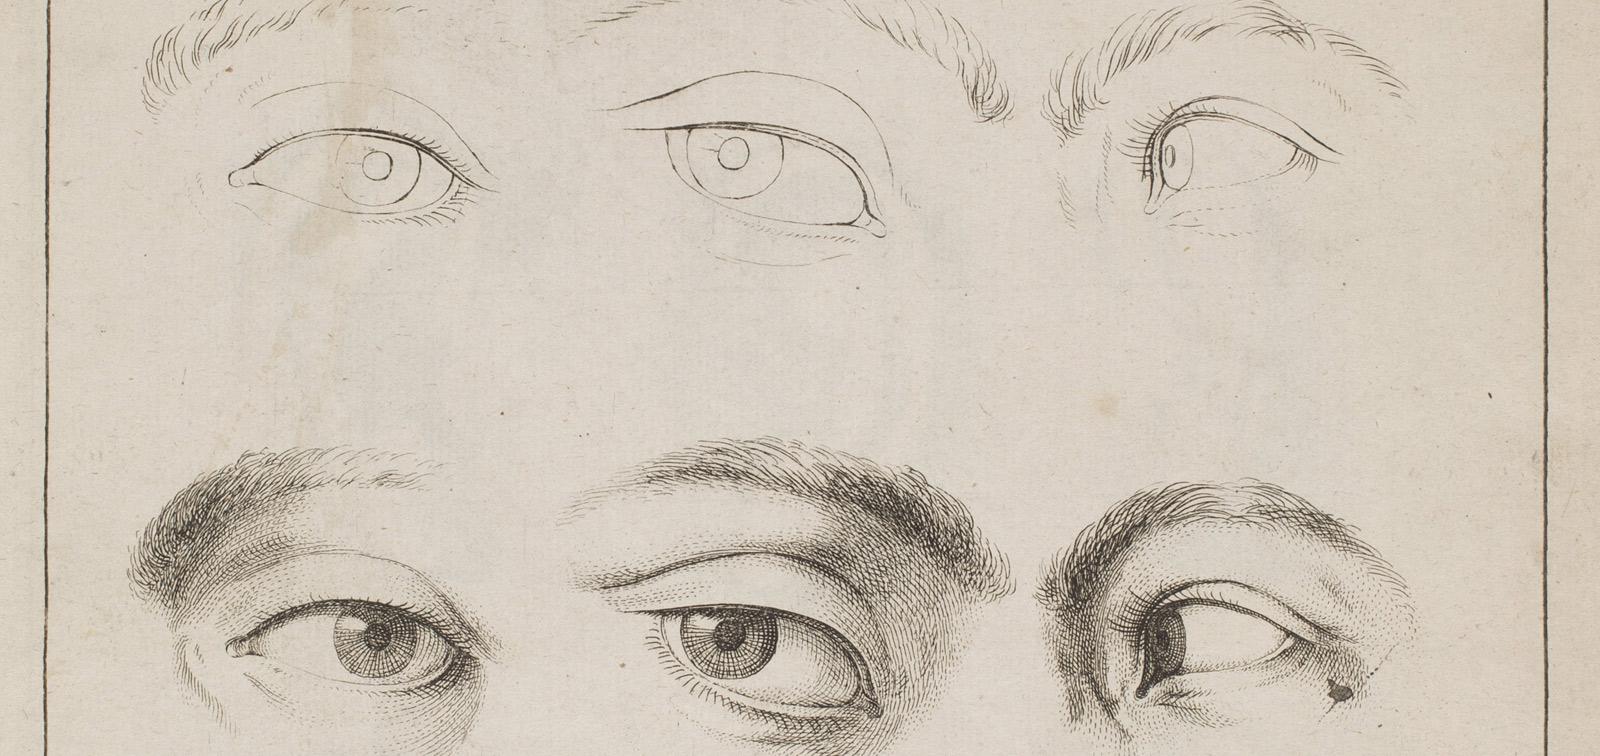 El maestro de papel. Cartillas españolas para aprender a dibujar de los siglos XVII y XVIII